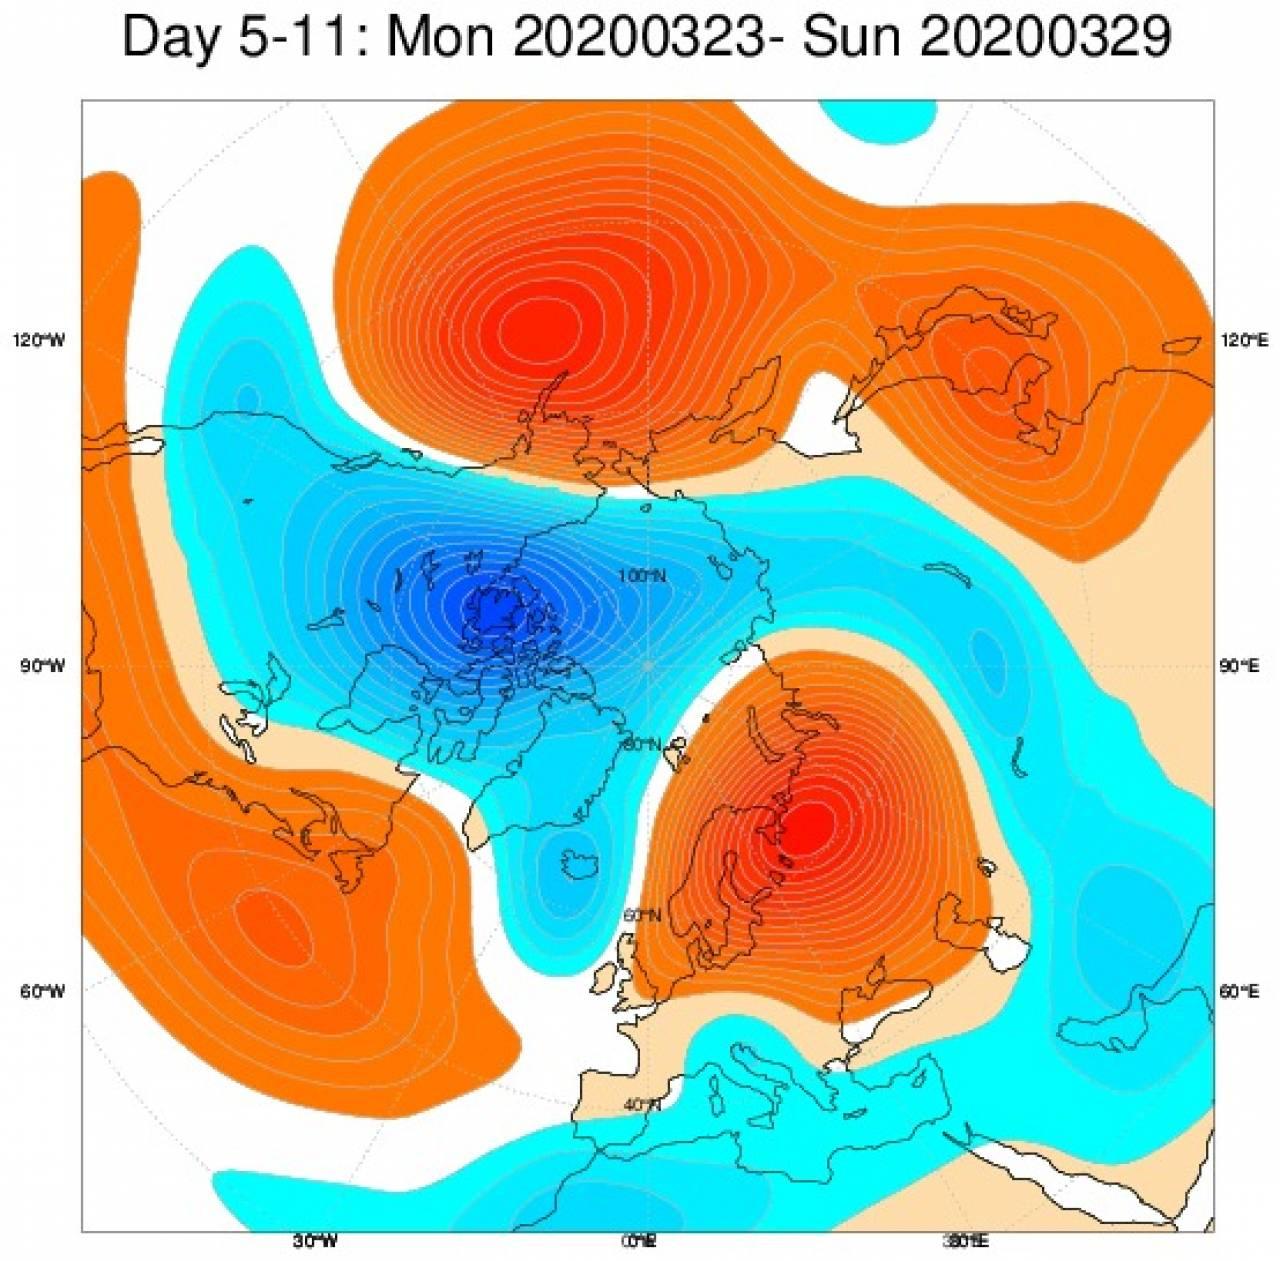 Anomalie di geopotenziale secondo il modello ECMWF per il periodo 23-29 marzo